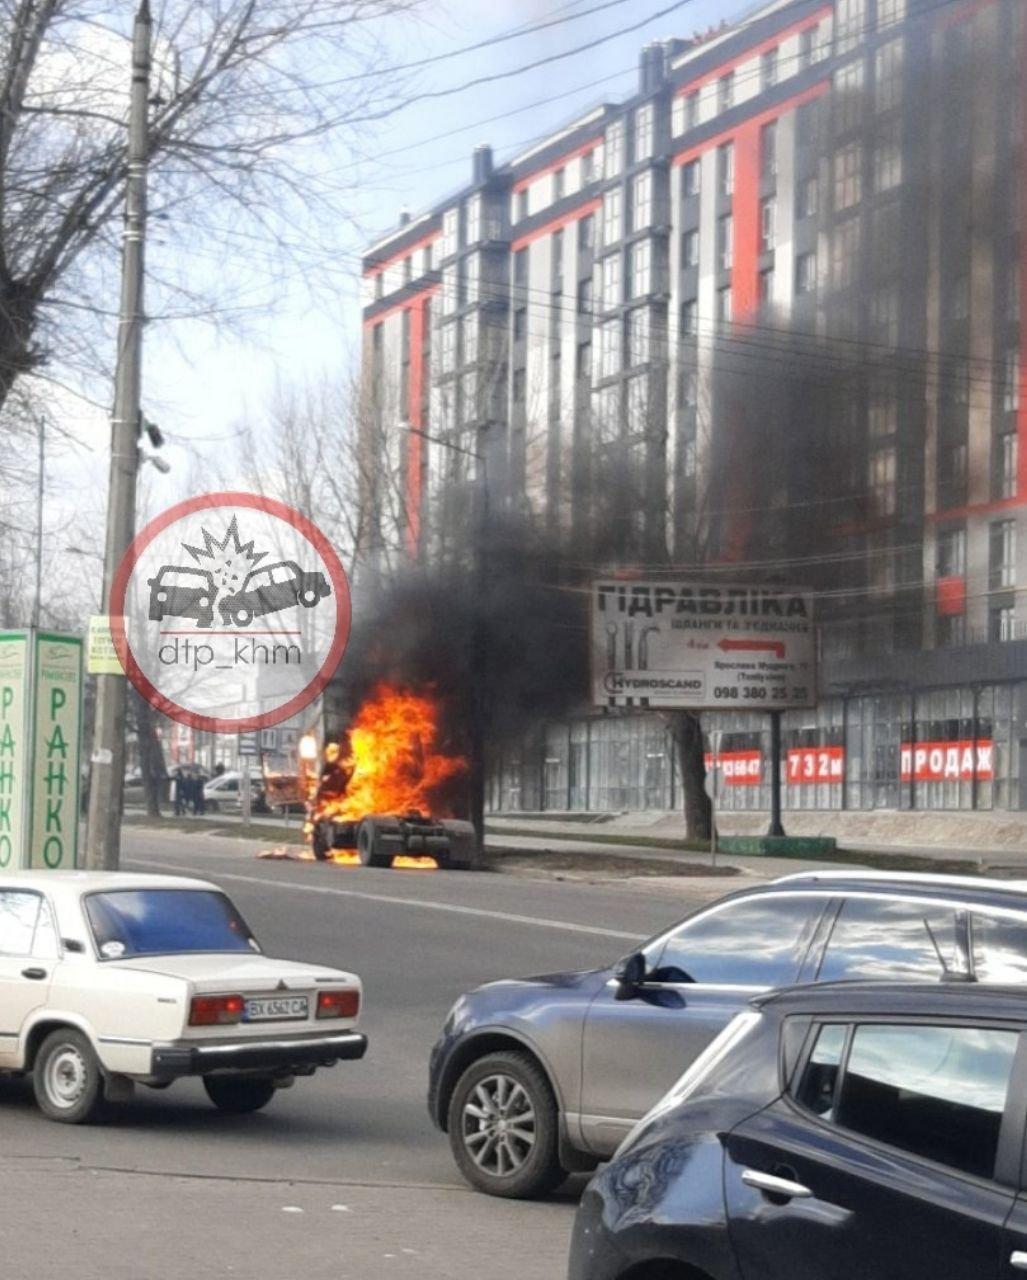 У Хмельницькому біля автовокзалу згоріла вантажівка (фото, відео, оновлено), фото-3